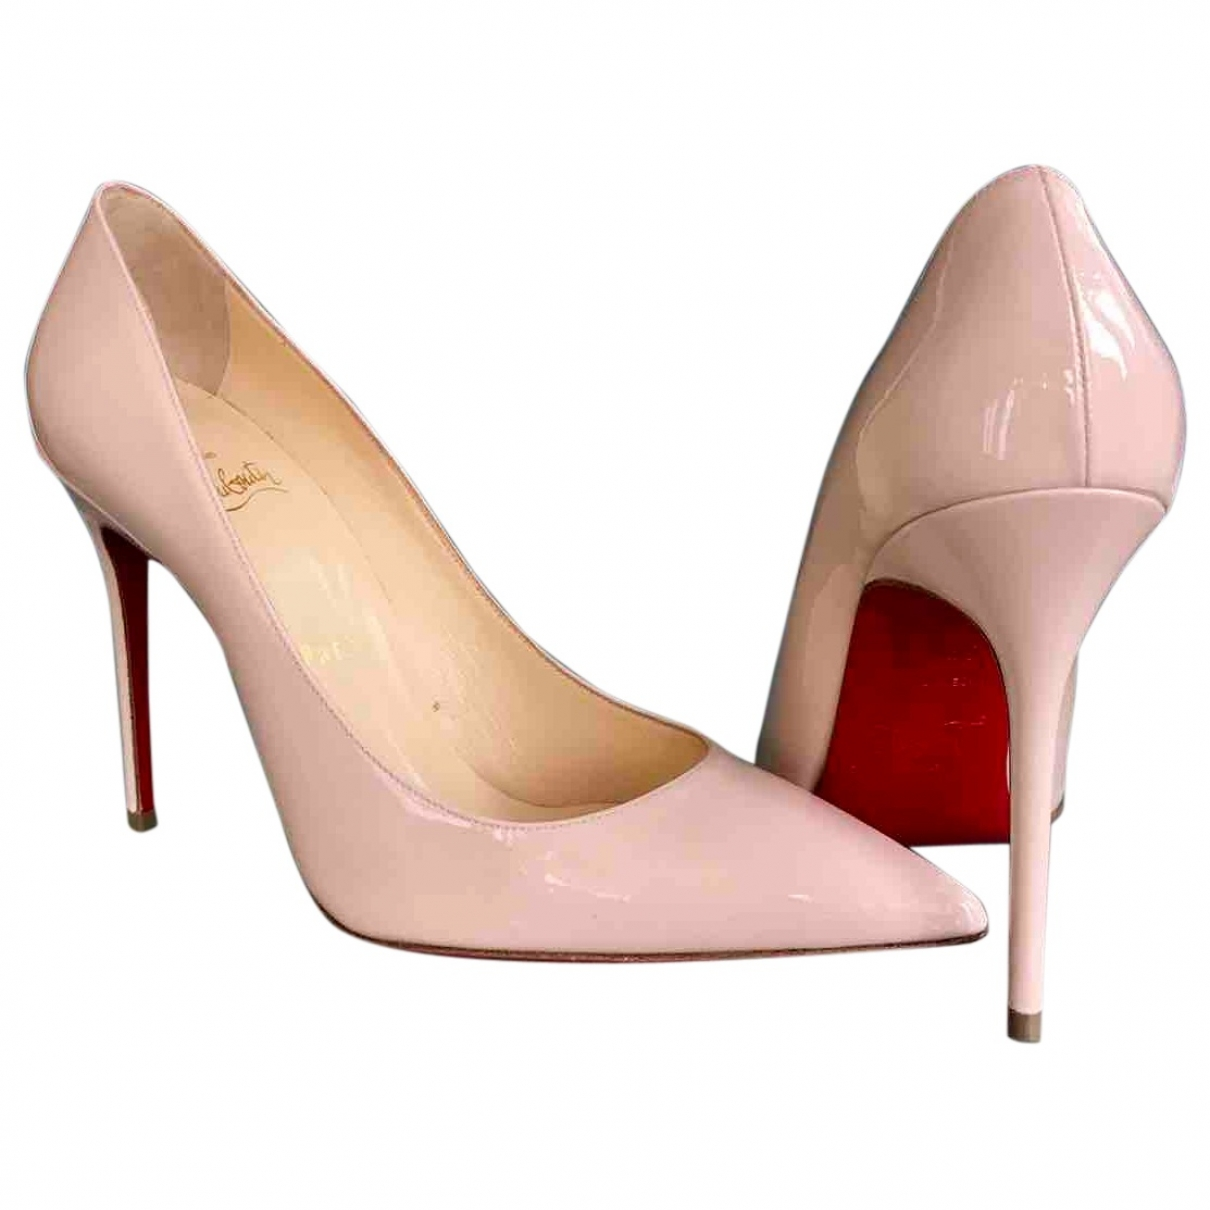 Christian Louboutin - Escarpins So Kate  pour femme en cuir verni - rose